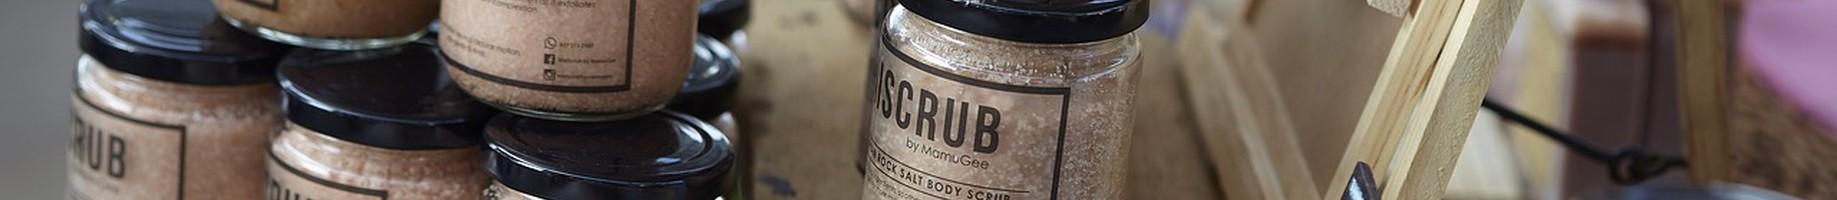 scrub-2613852_1280